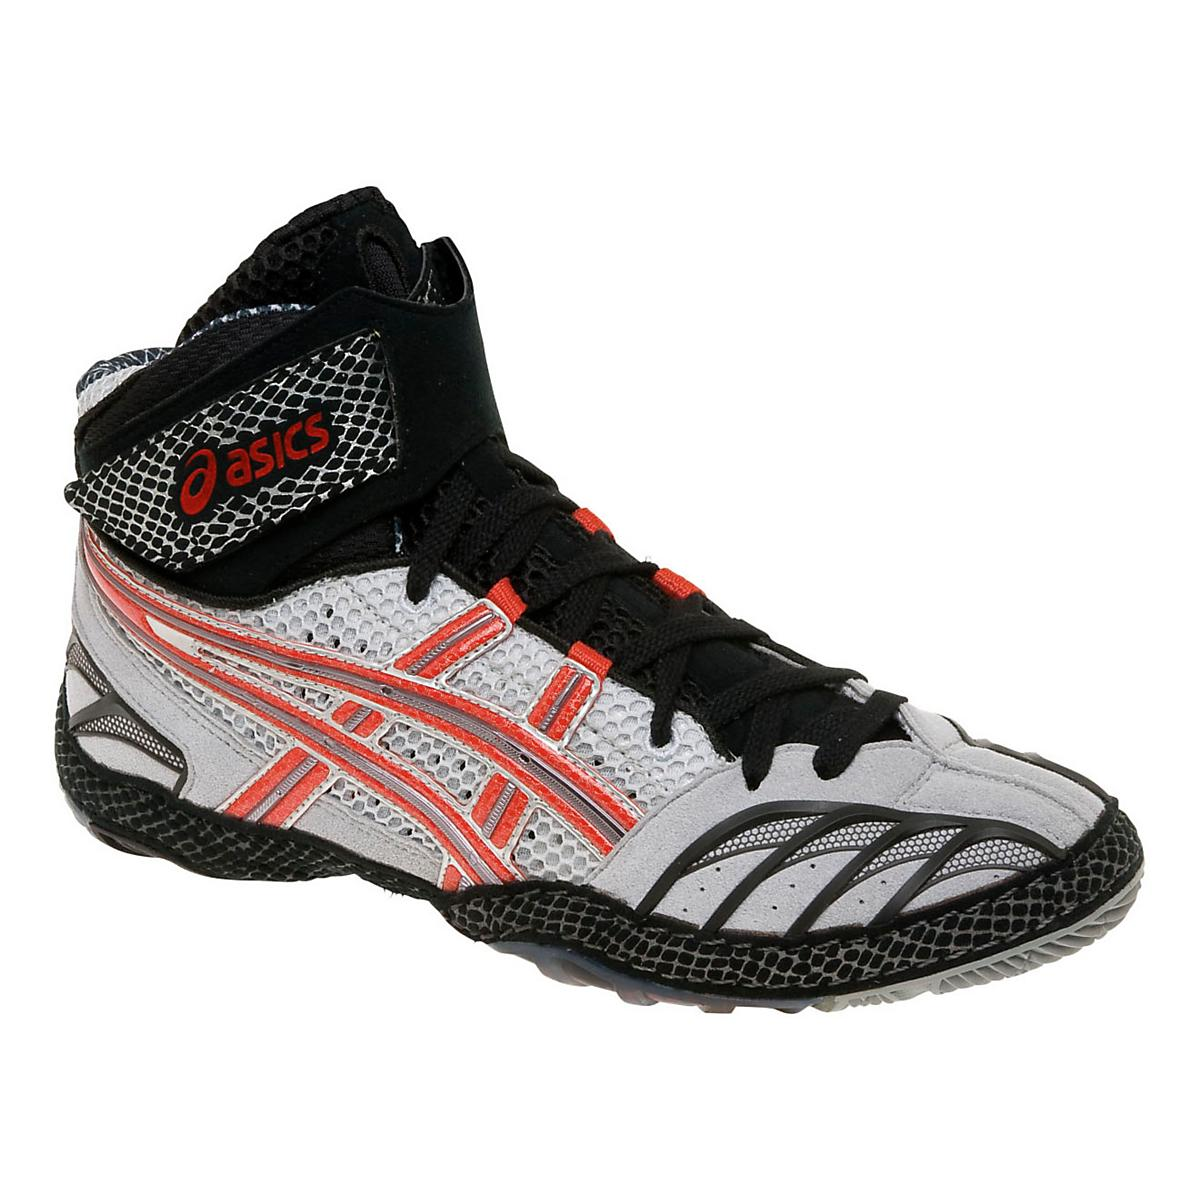 Chaussure de Runner lutte masculine ASICS 19403 Ultratek chez de Road Runner Sports 555cbc9 - shorttermhealthinsurance.website